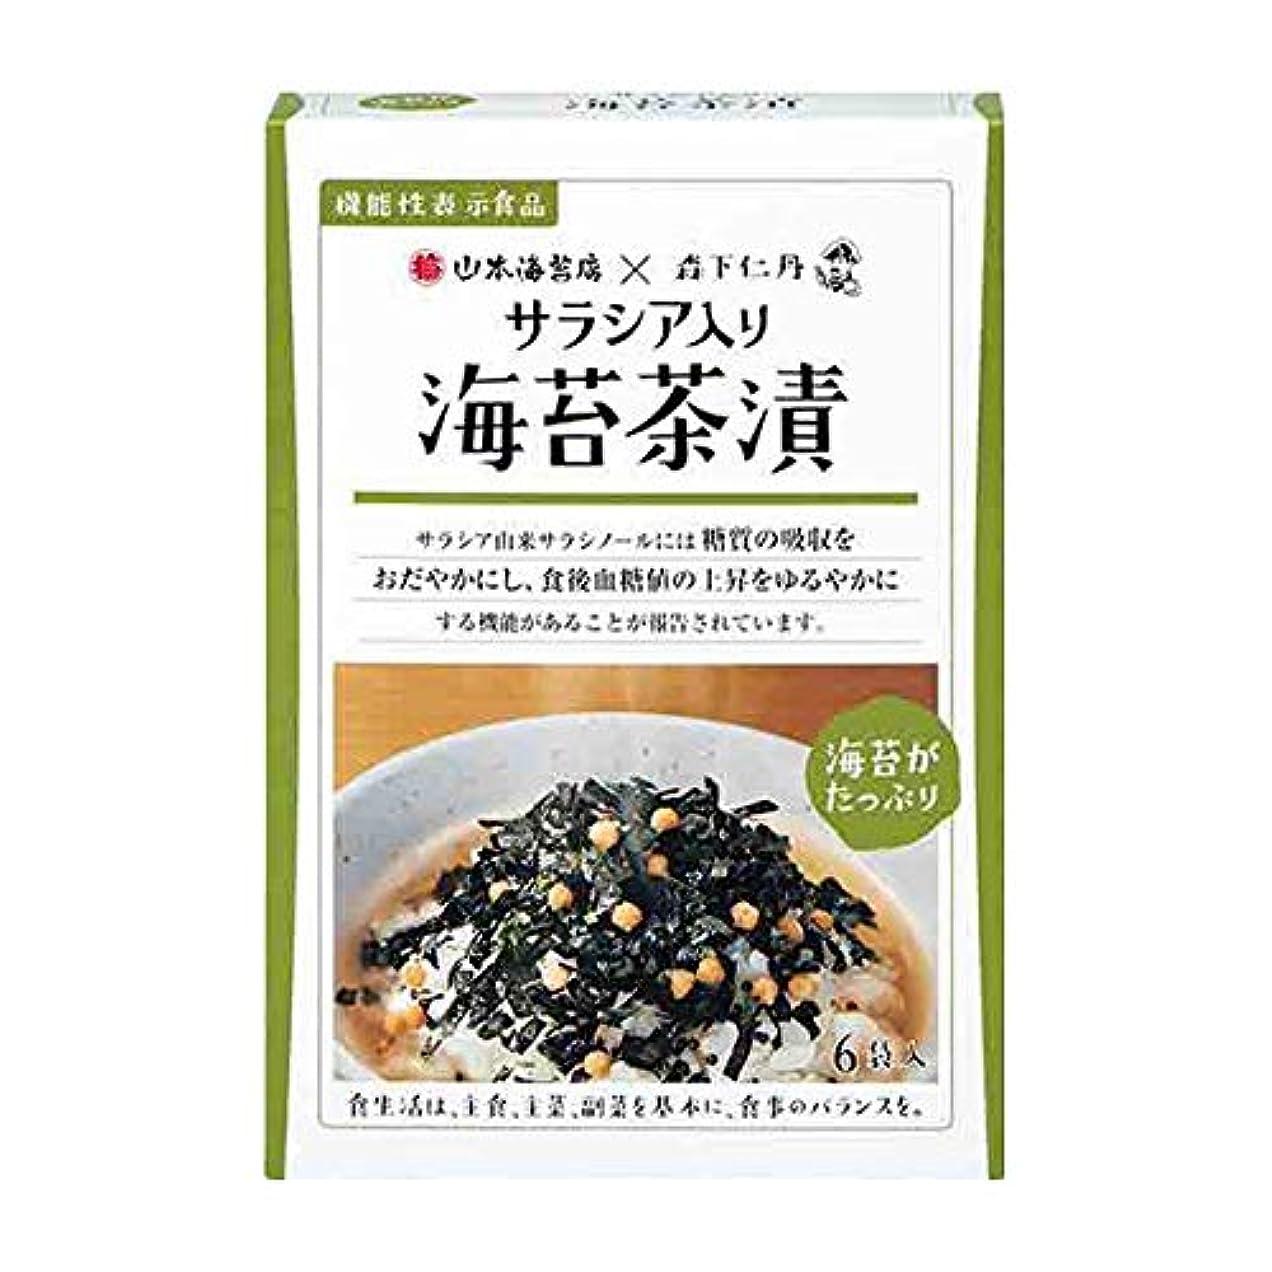 忌み嫌う超高層ビル添付森下仁丹 海苔茶漬 サラシア入り (6.2g×6袋) [機能性表示食品]